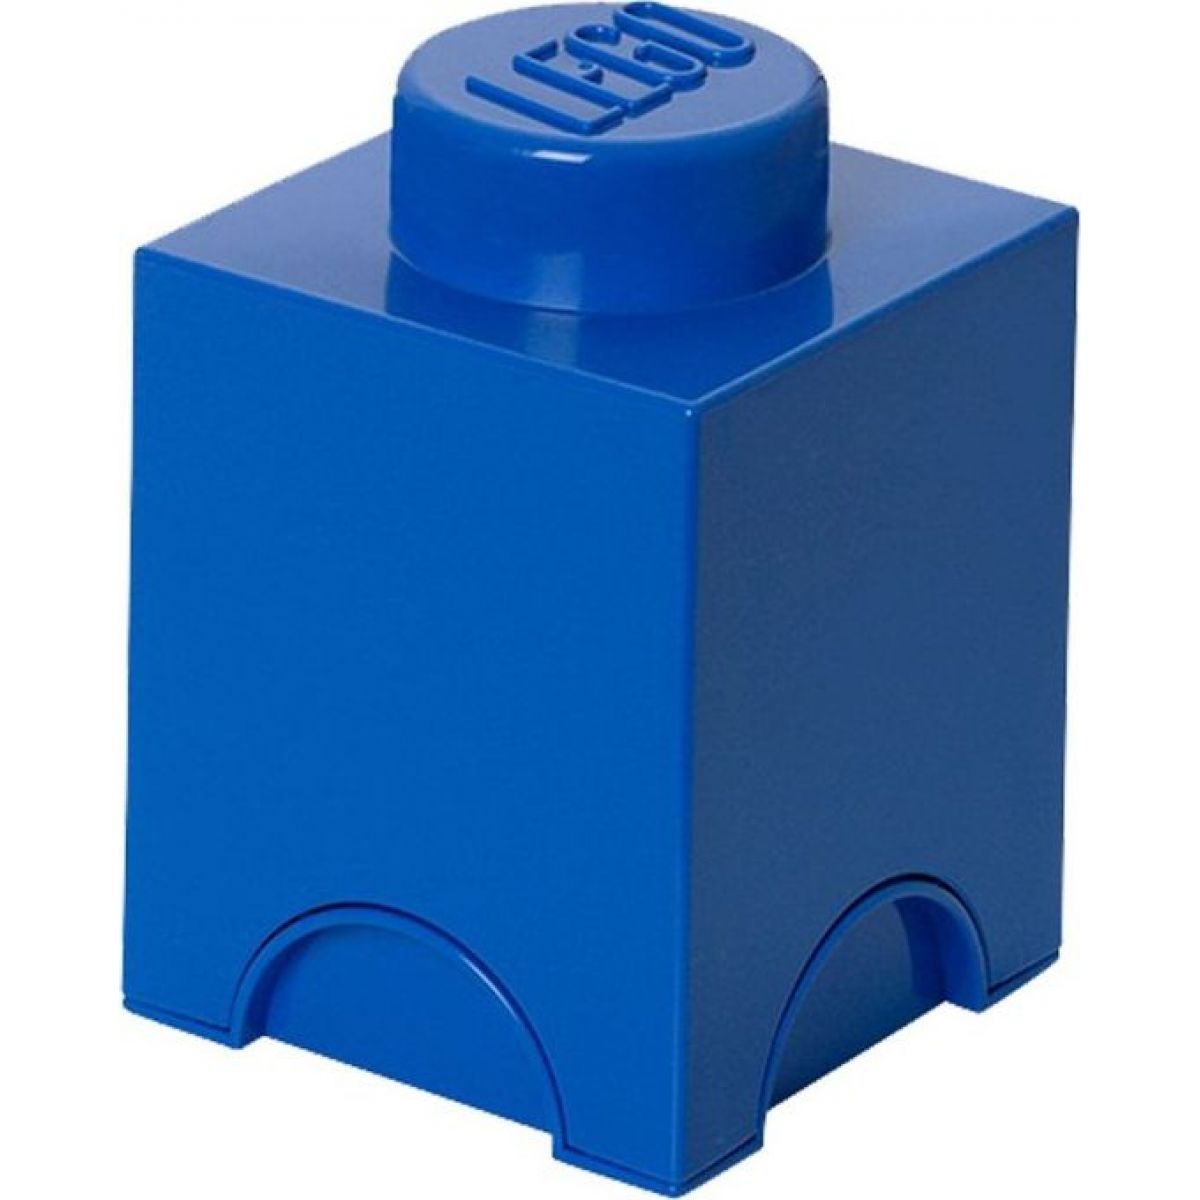 LEGO Úložný box 12,5 x 12,5 x 18 cm Modrá